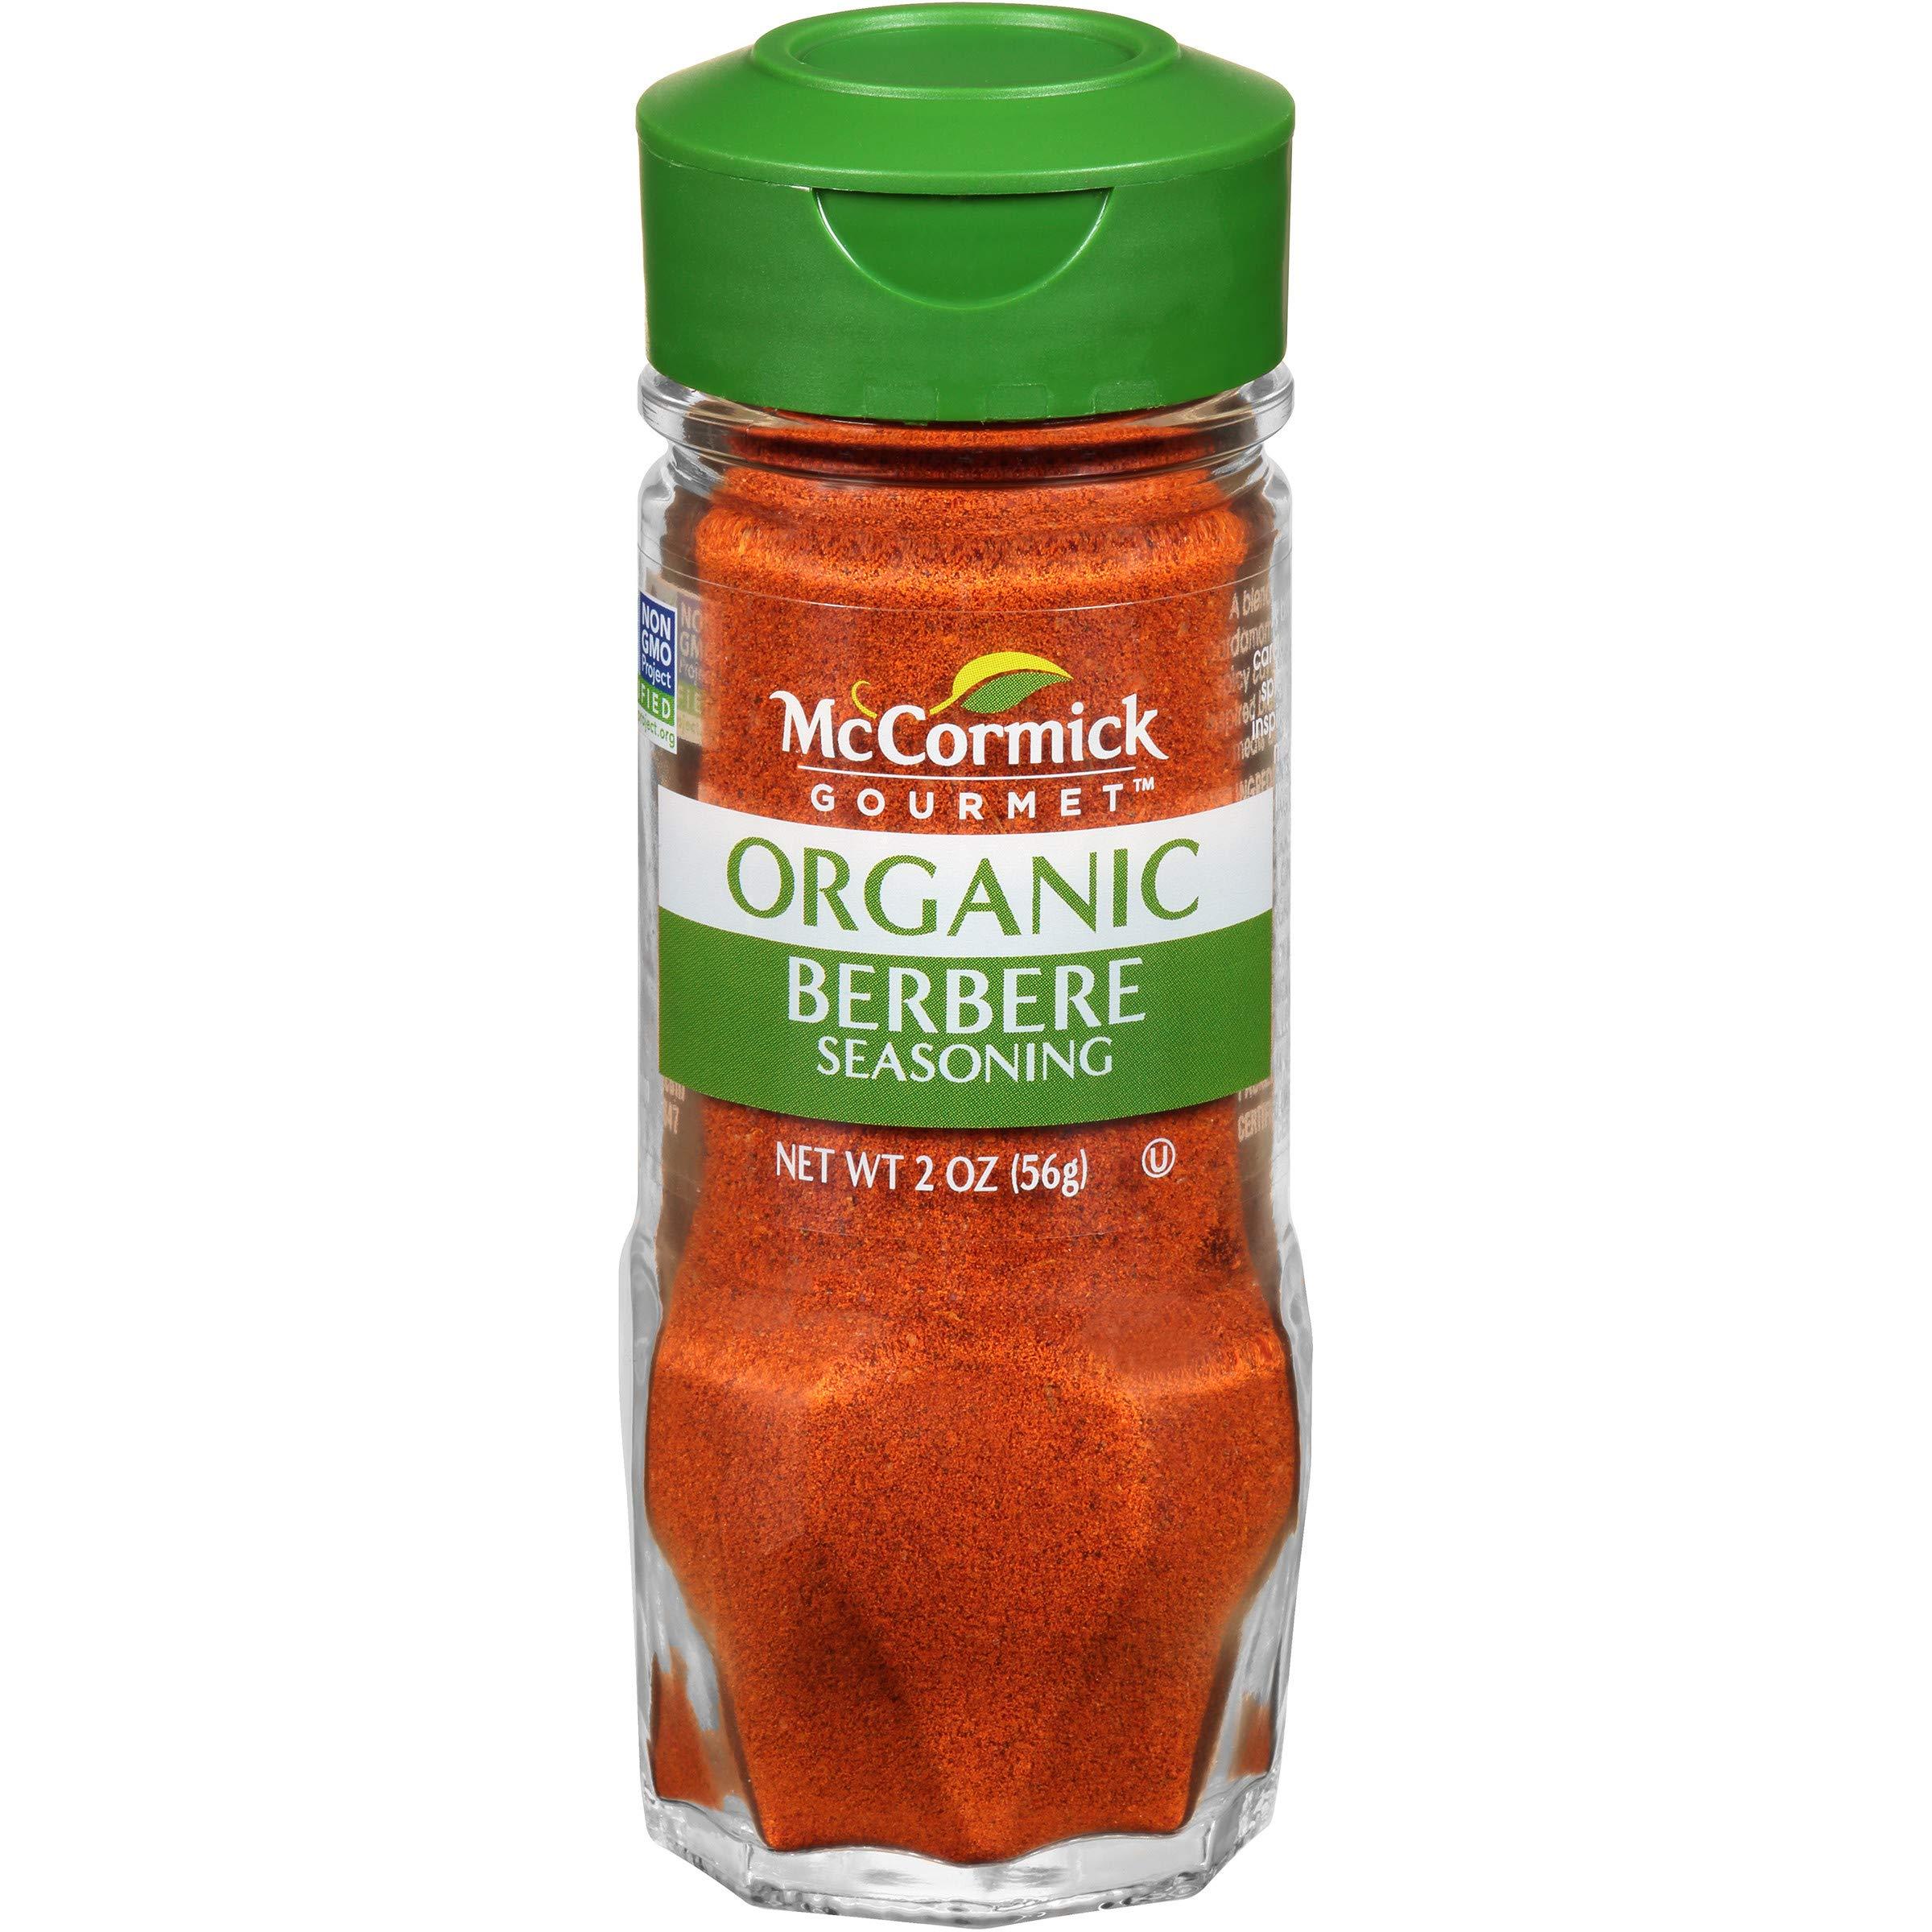 McCormick Gourmet Organic Berbere, 2 oz